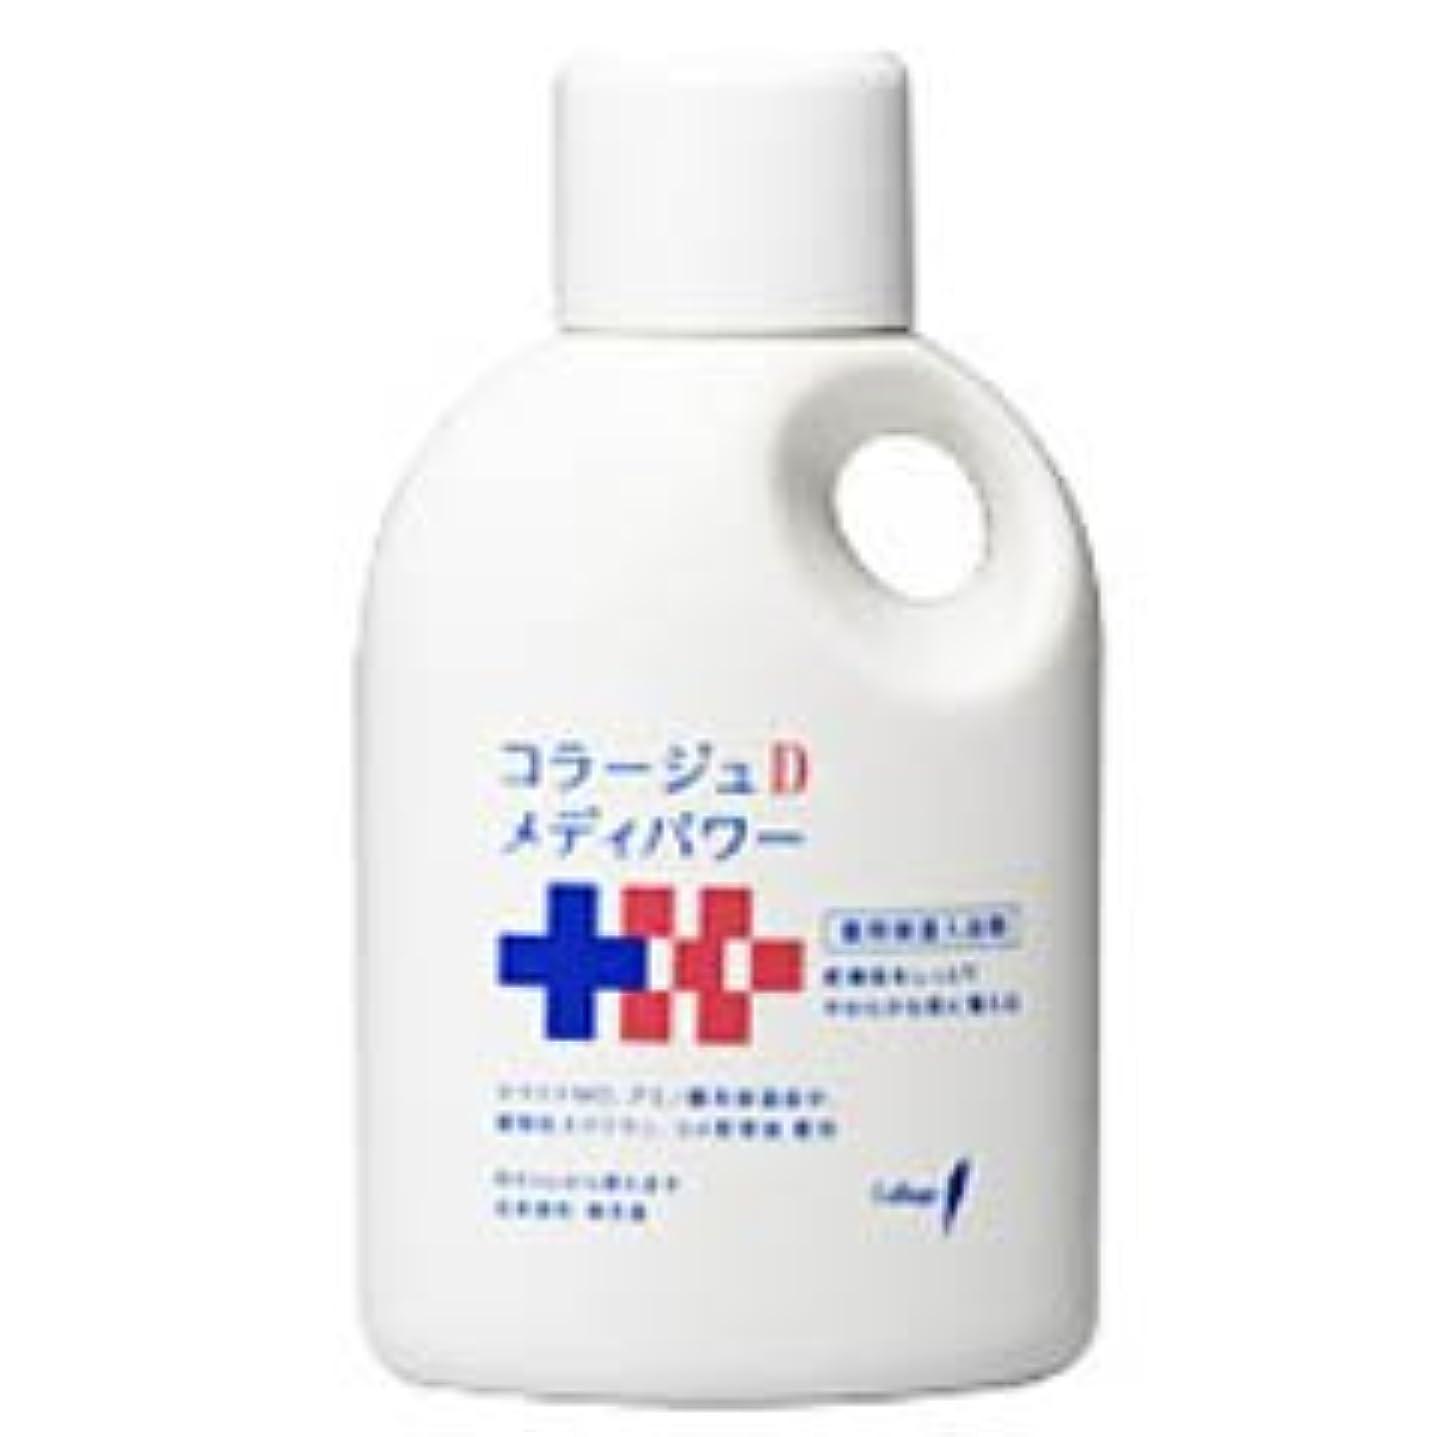 額曲げる湿気の多い【持田ヘルスケア】コラージュD メディパワー 保湿入浴液 500ml